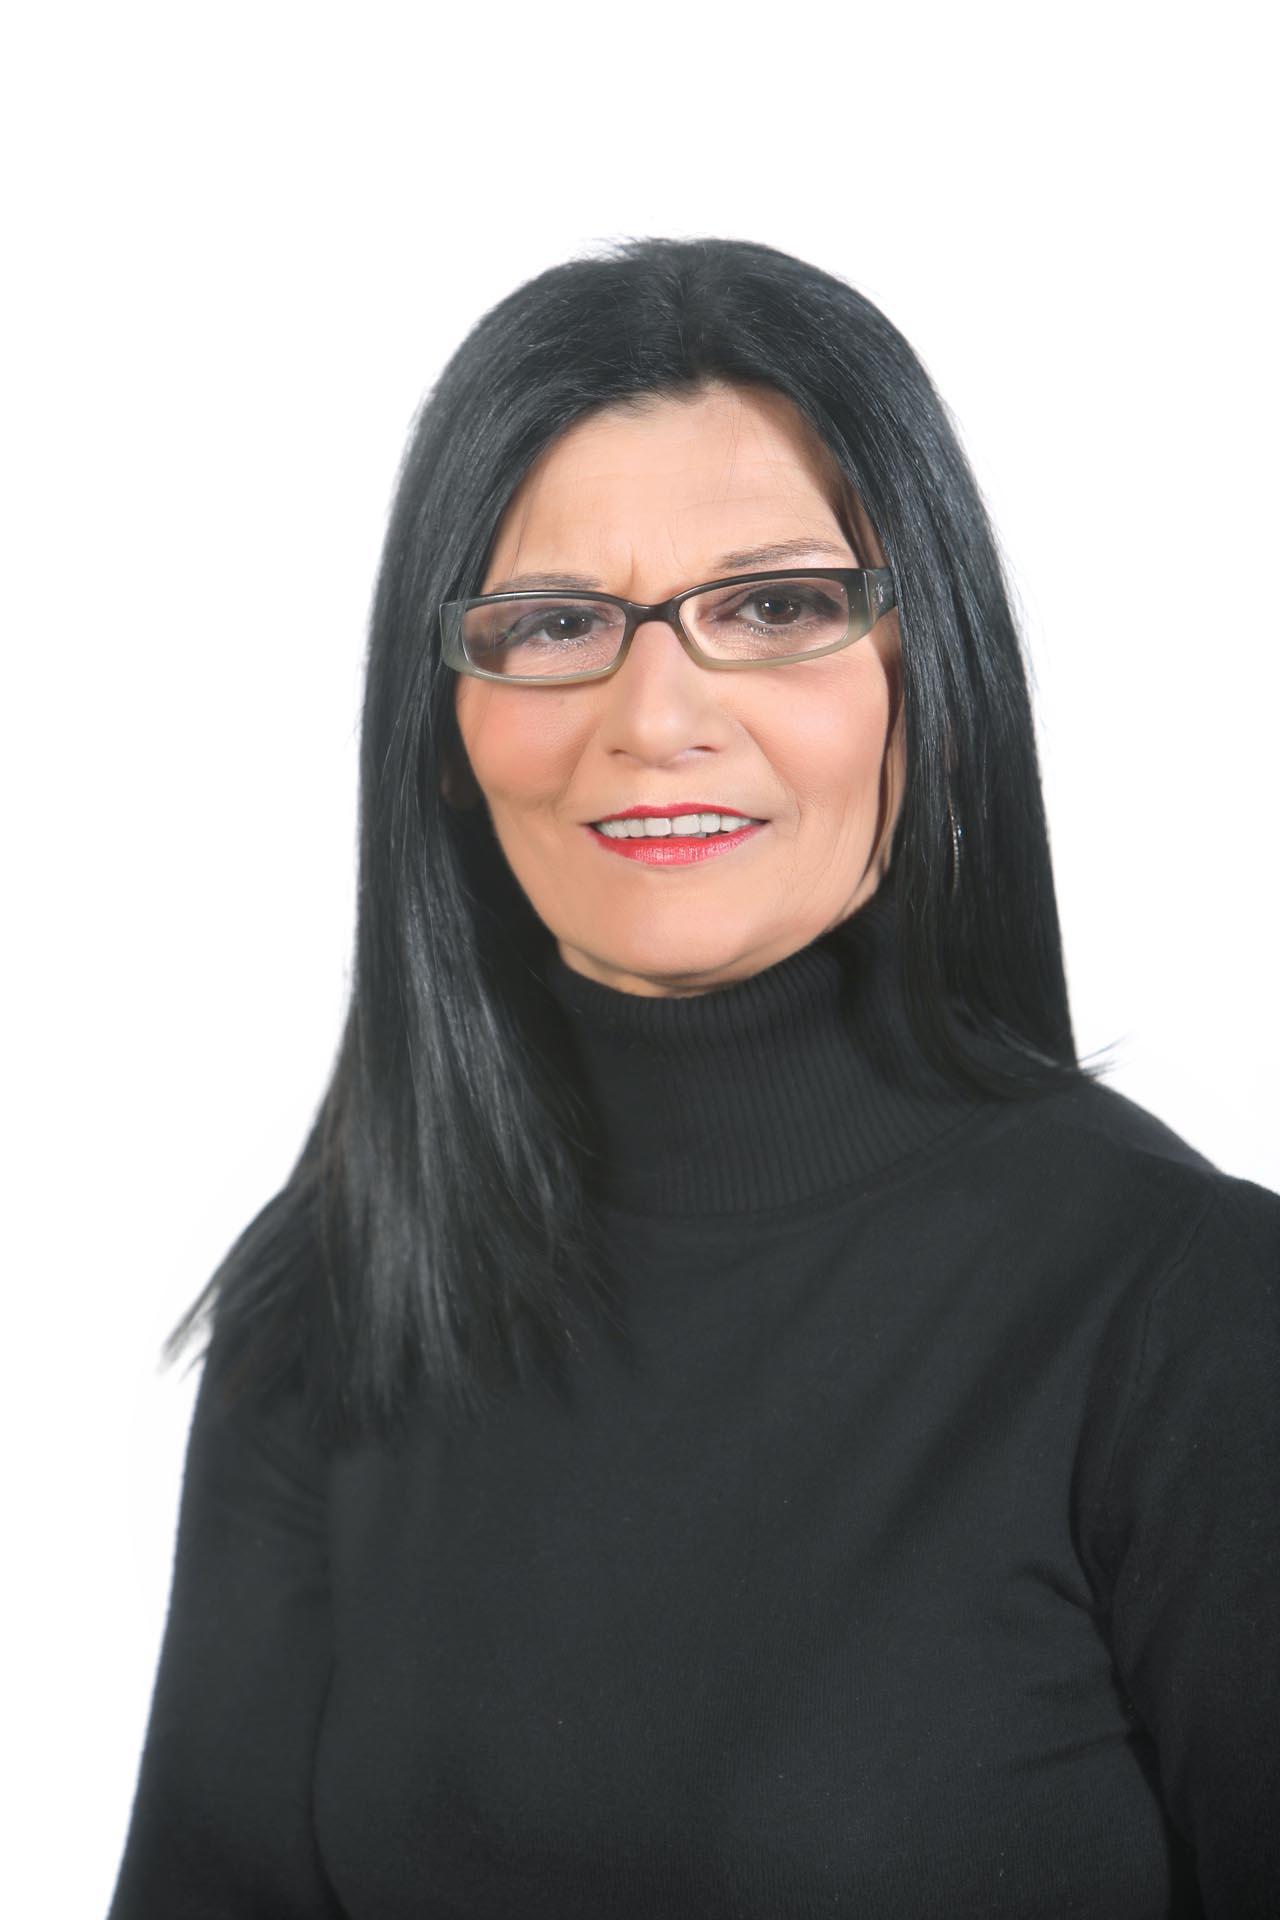 ΡΕΤΖΙΟΥ ΚΩΝΣΤΑΝΤΙΝΑ 1